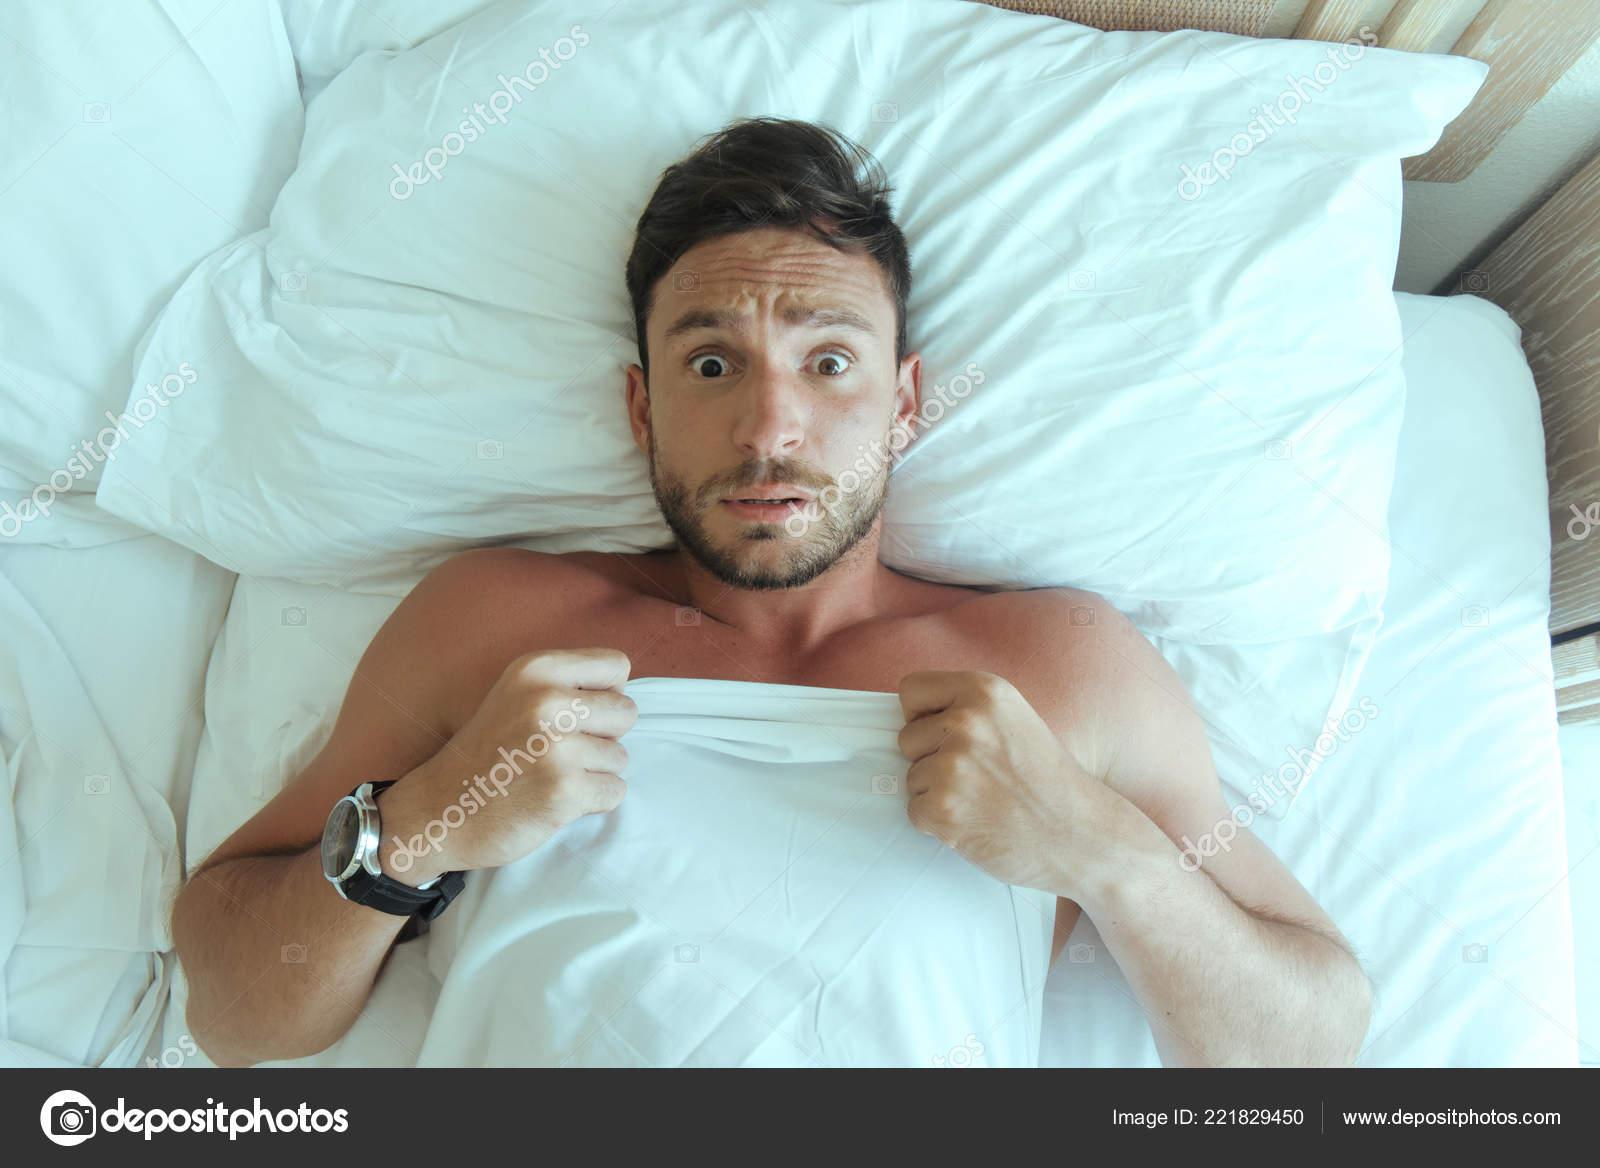 Gut Aussehender Mann Schlafzimmer Nackt Verlegung Wundert Sich Über ...